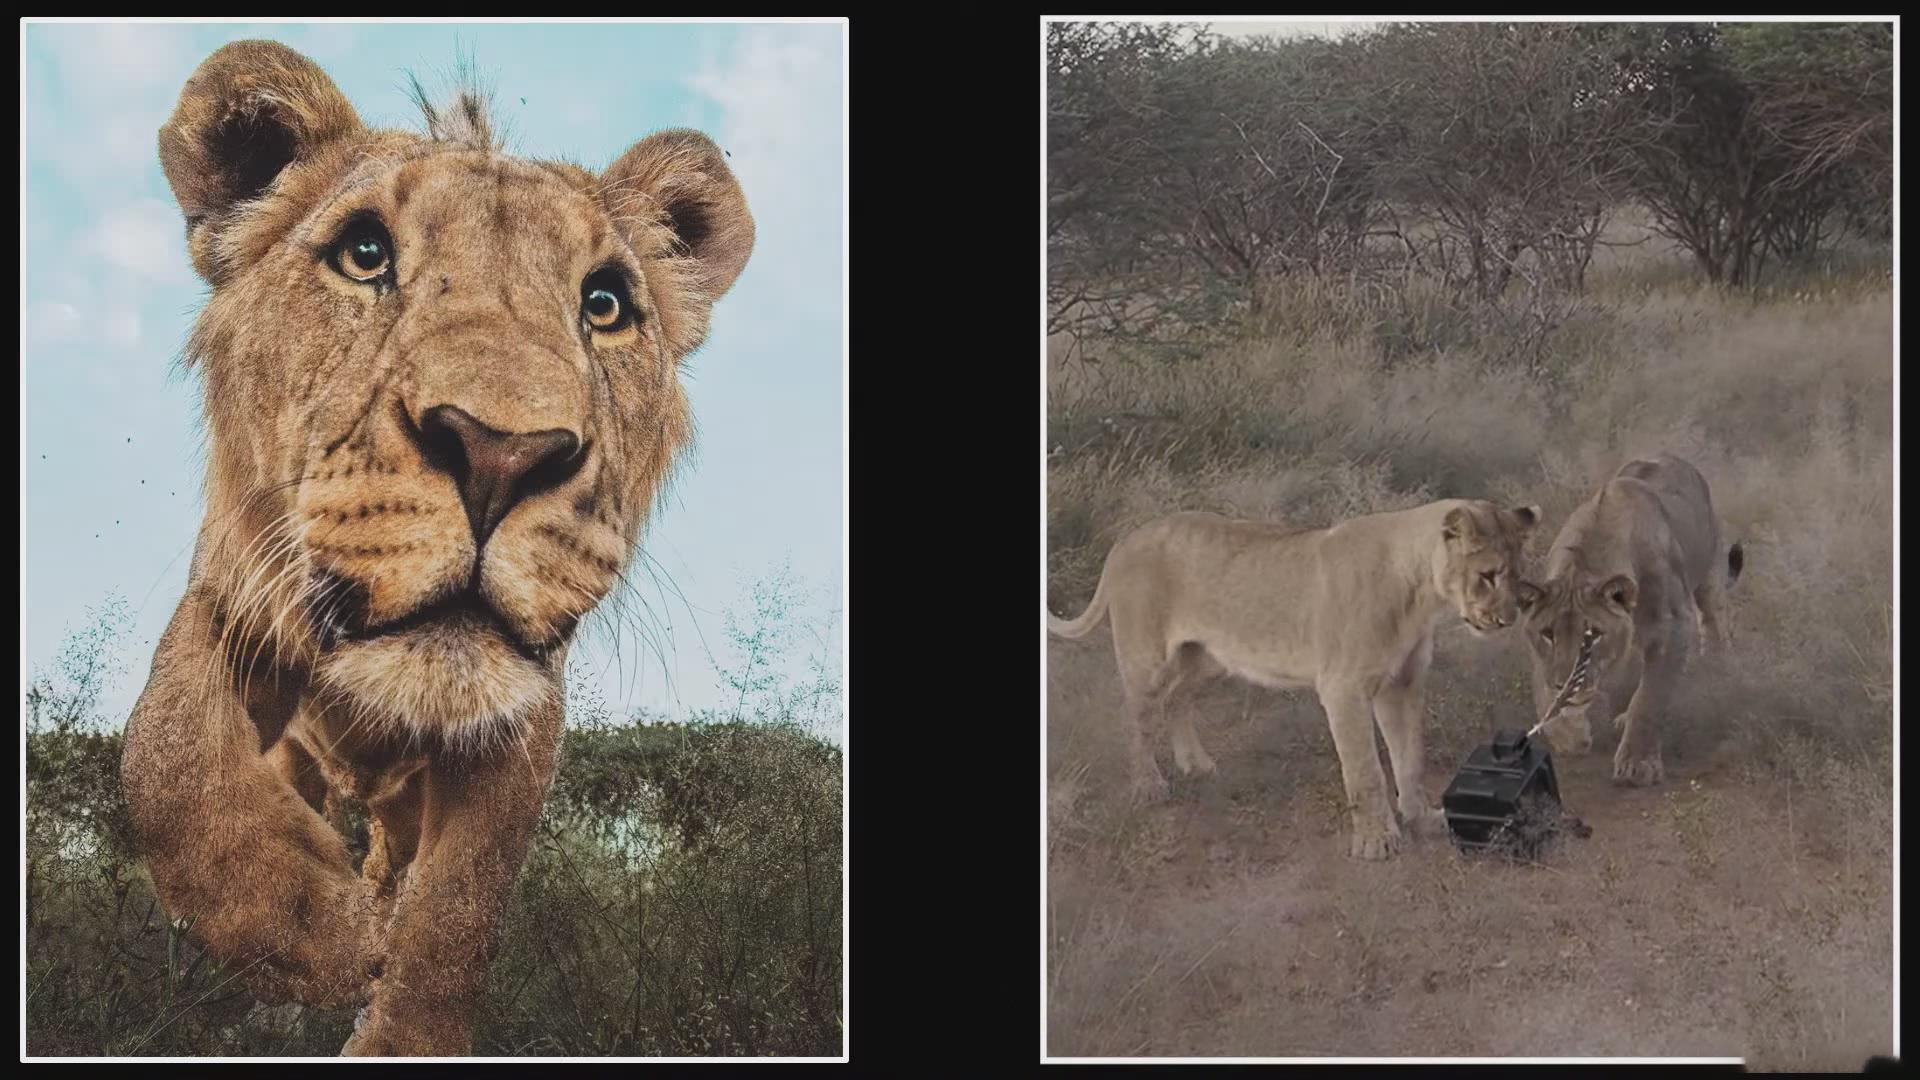 摄影教程_Chase Teron的终极野生动物摄影及后期套装教程附RAW素材-中英字幕 摄影教程 _预览图7